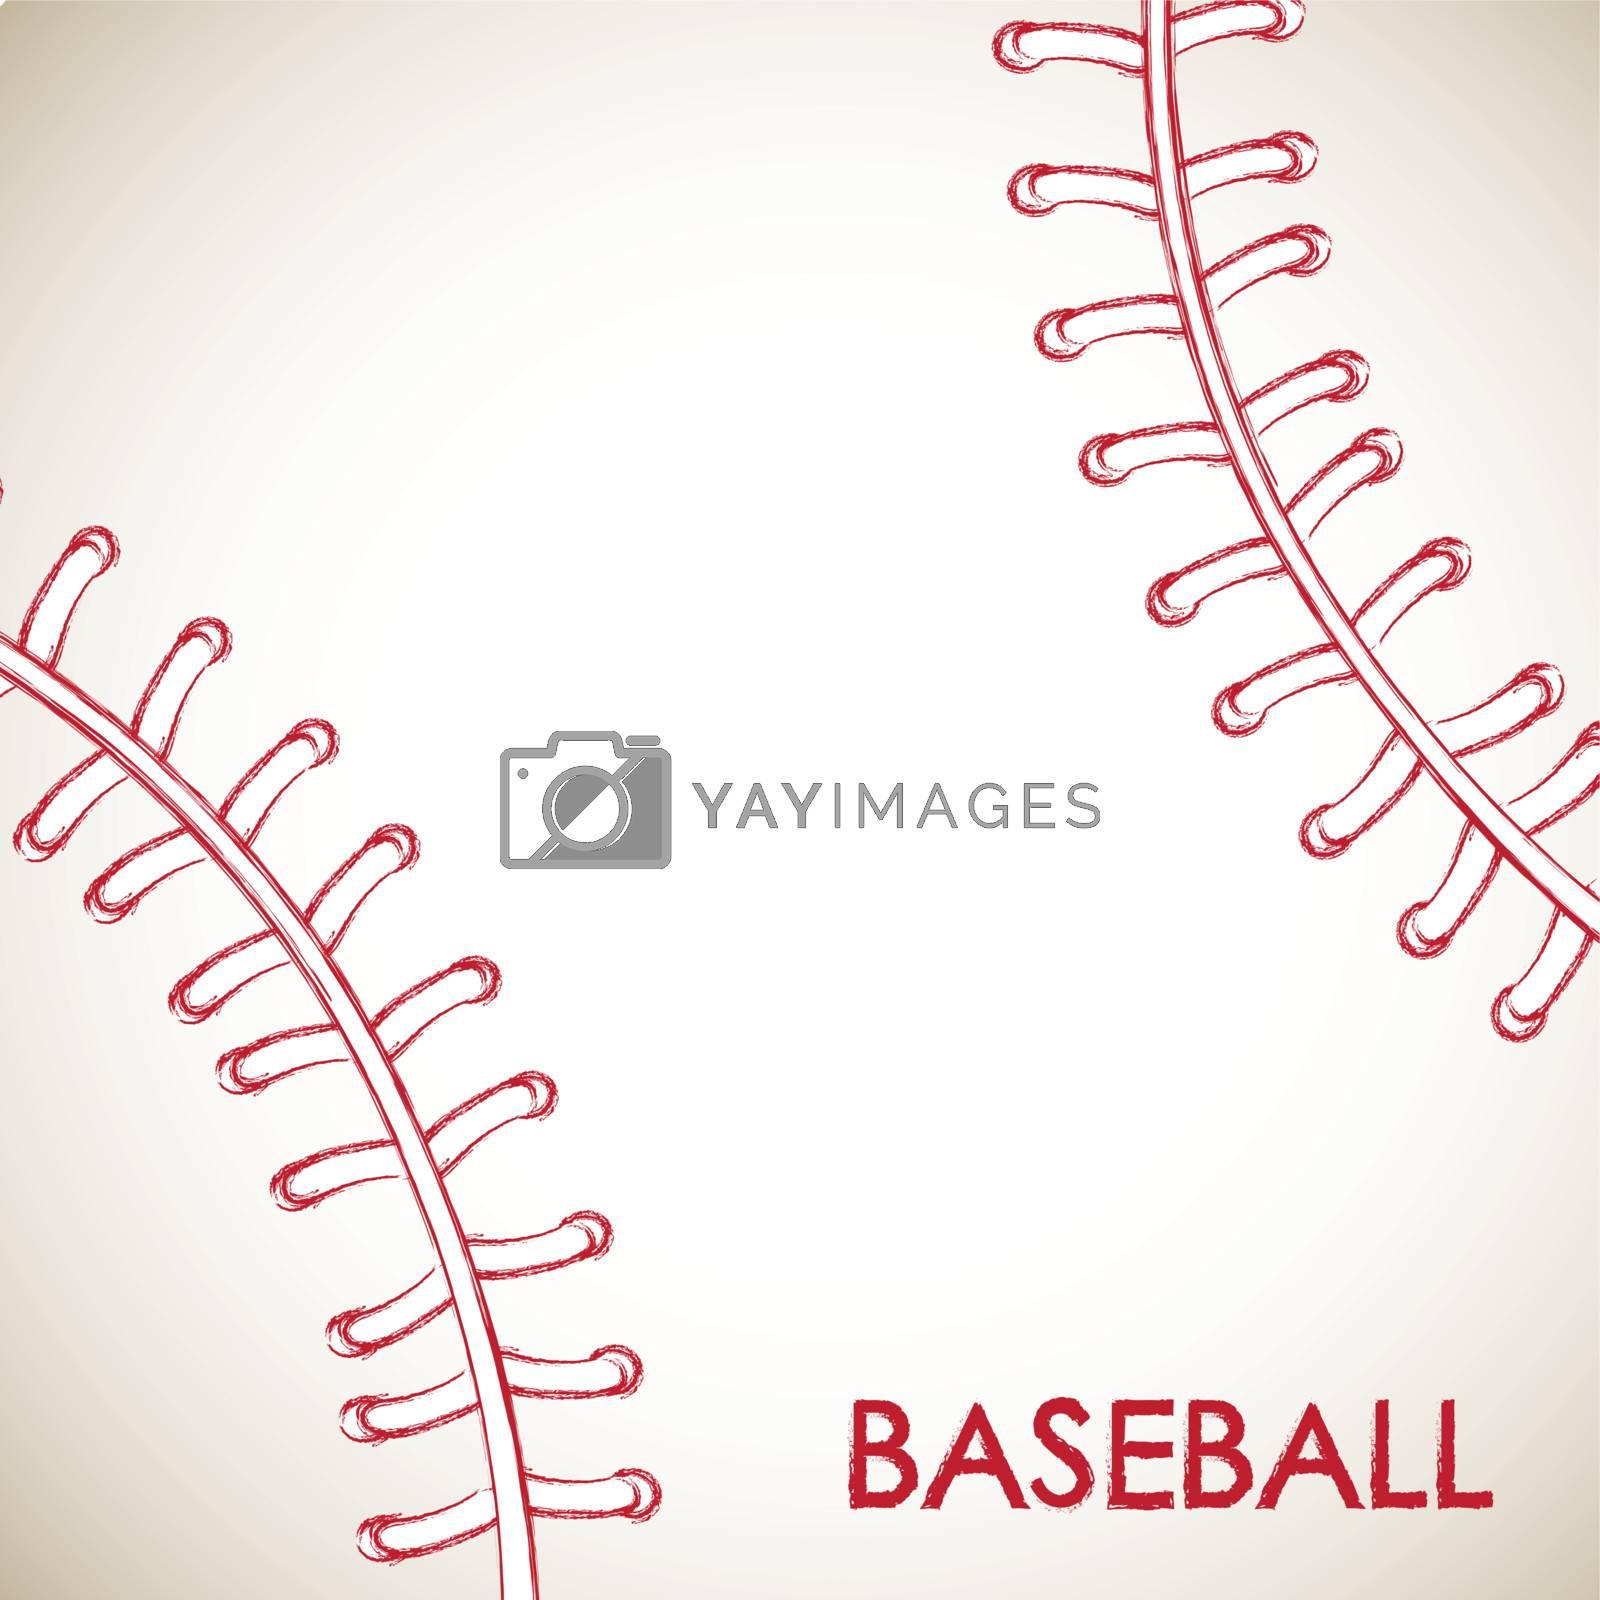 Ball of baseball background vector illustration